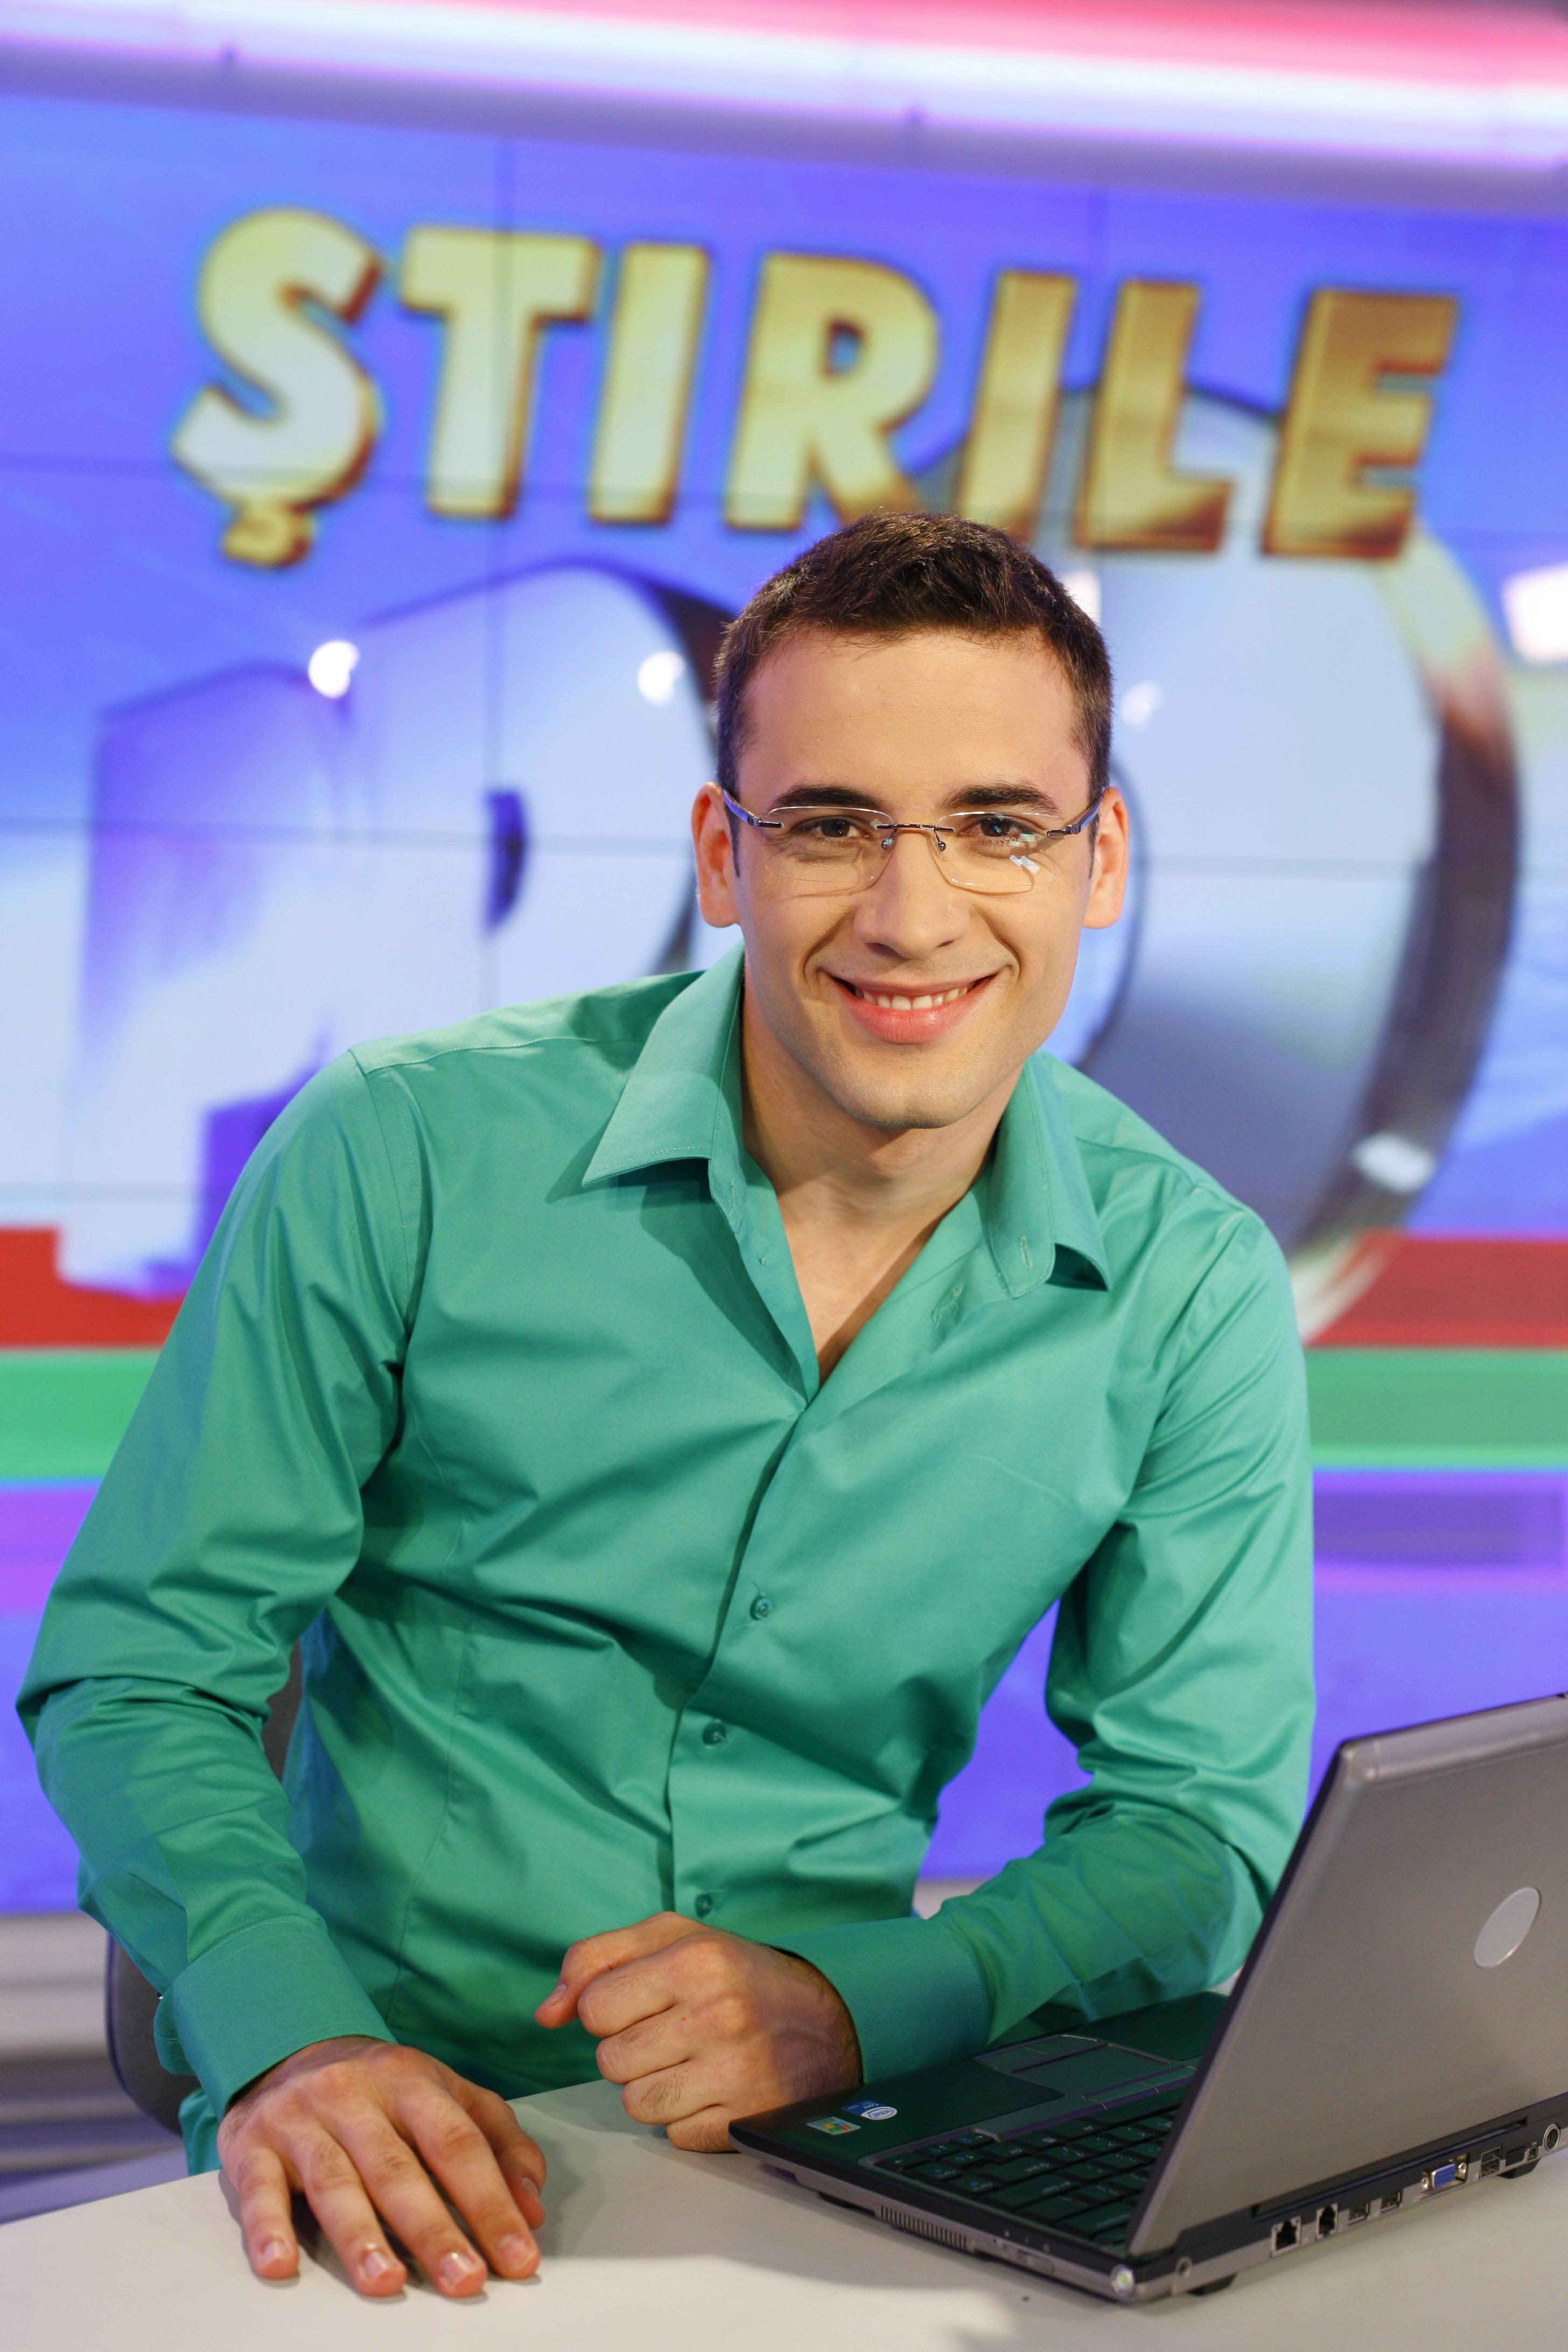 Stirile ProTv de la ora 17.00 cu Daniel Nitoiu - 24.05.2011